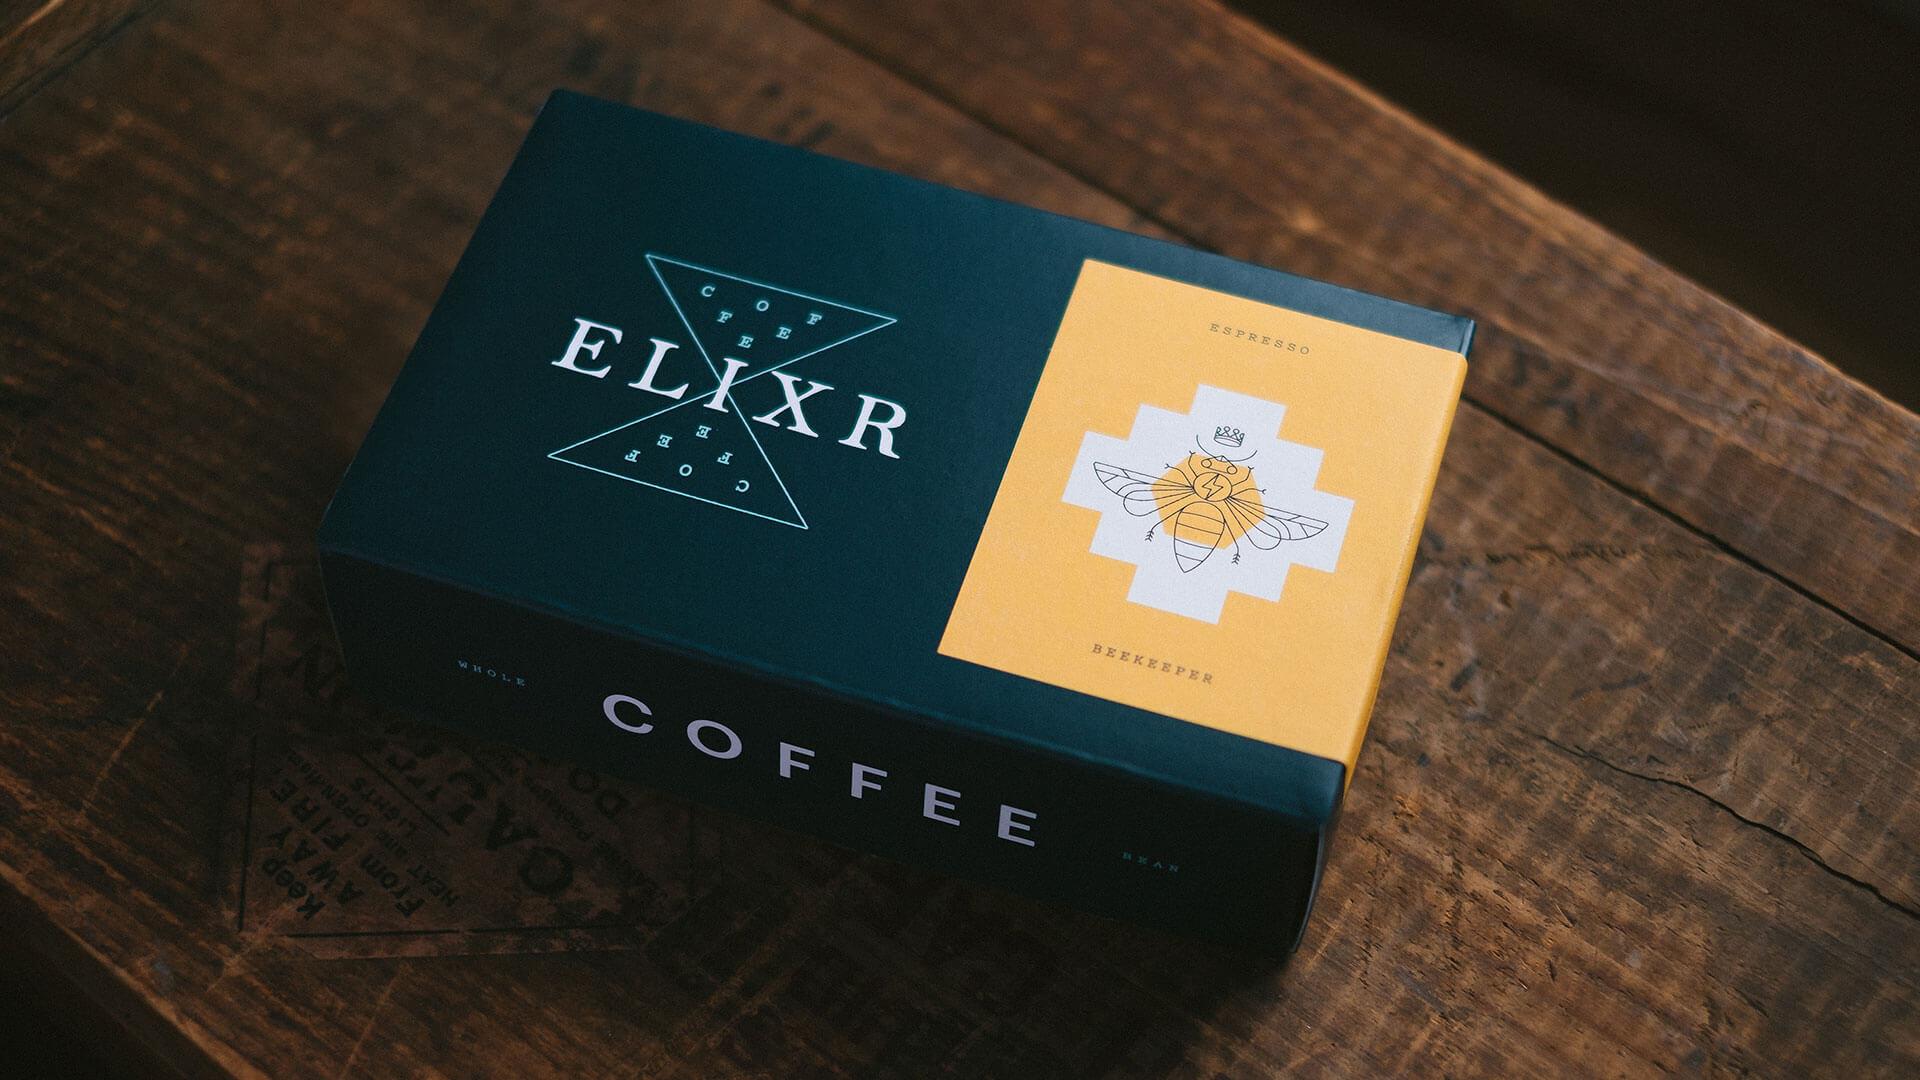 Elixr Coffee